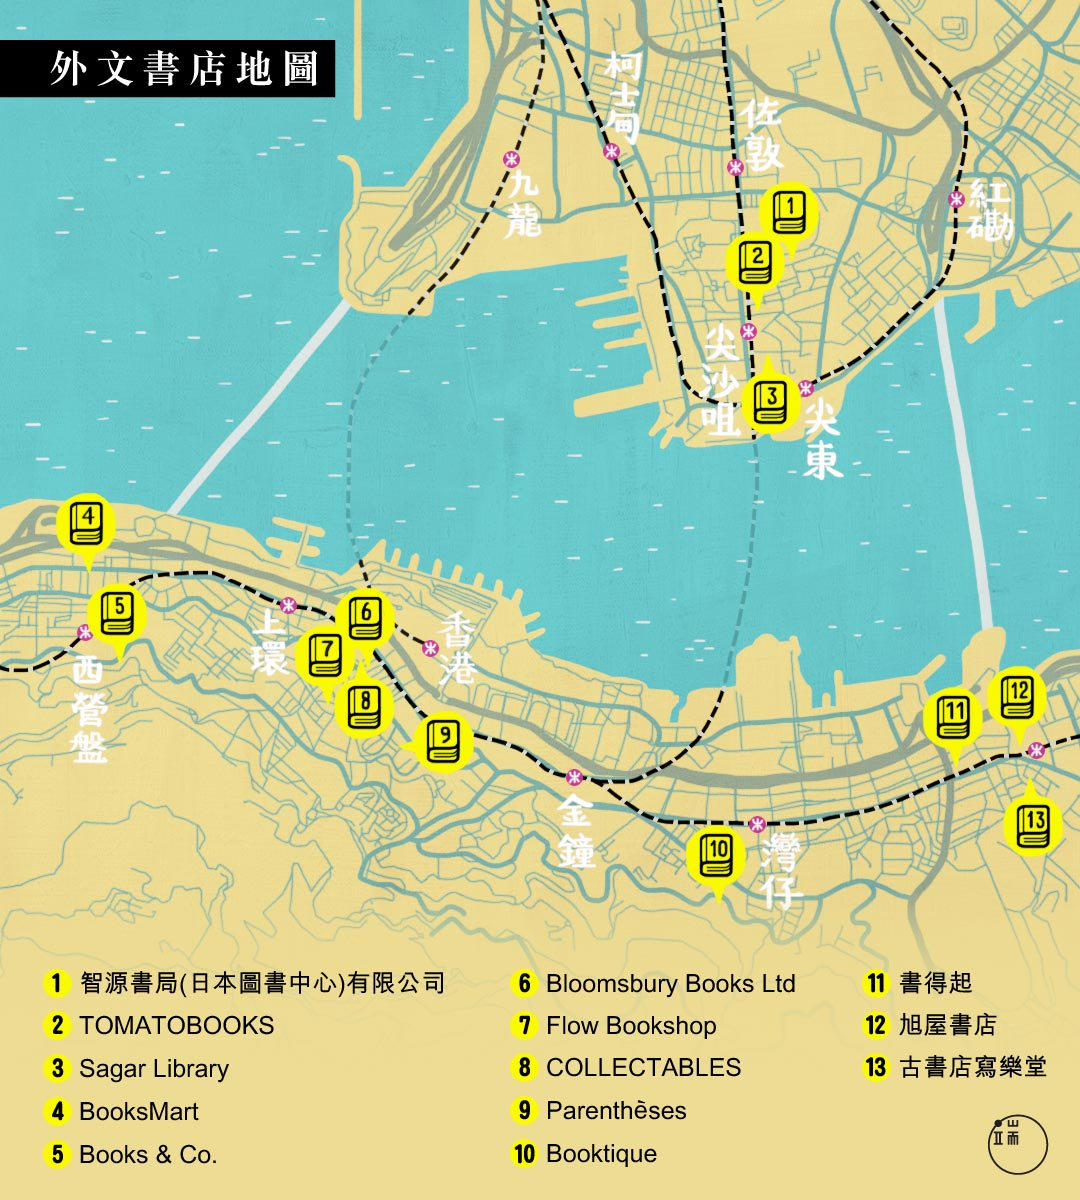 維港兩岸外文獨立書店地圖